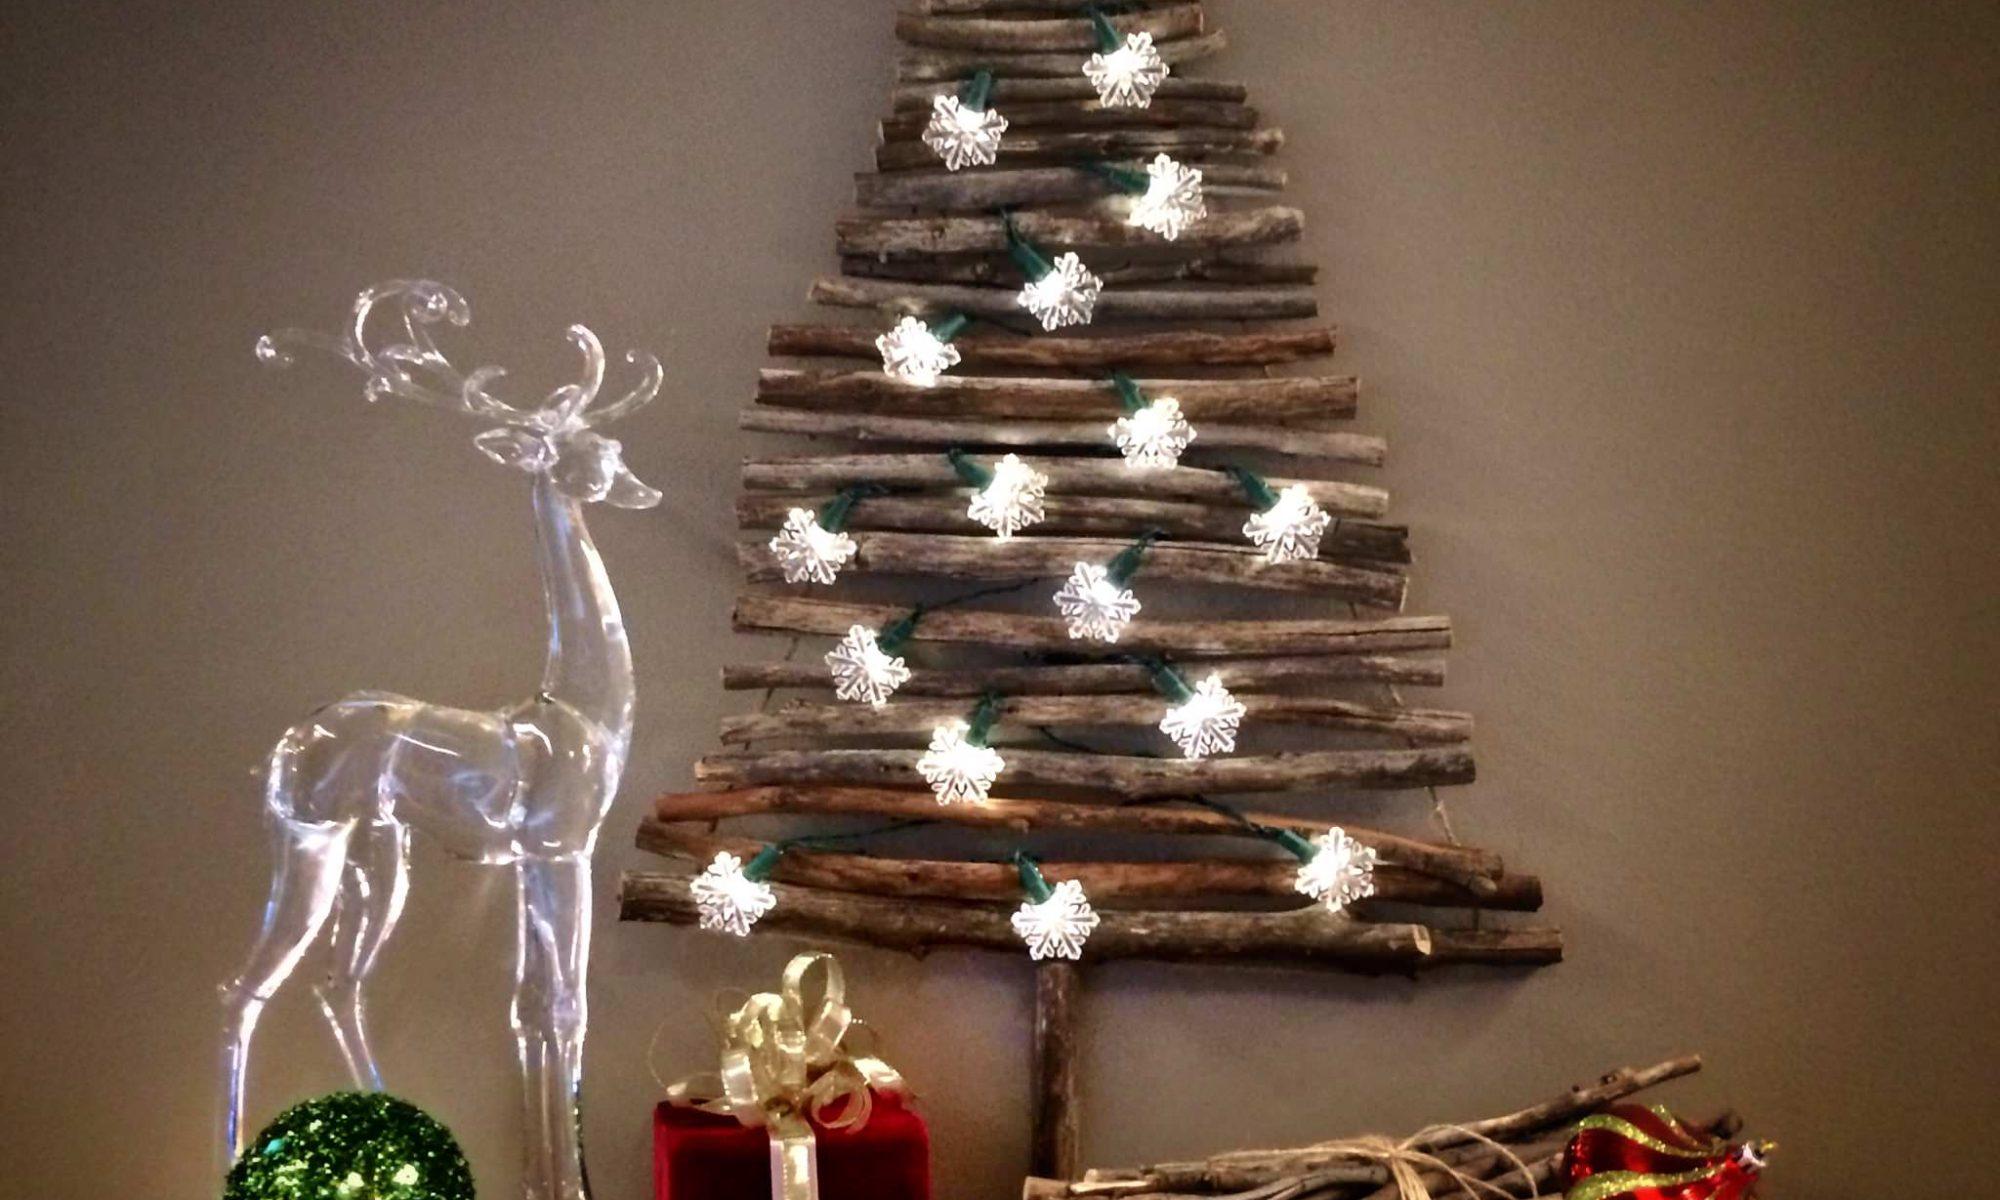 Blog de muebles y decoraci n mueble y deco for Adornos arbol navidad online